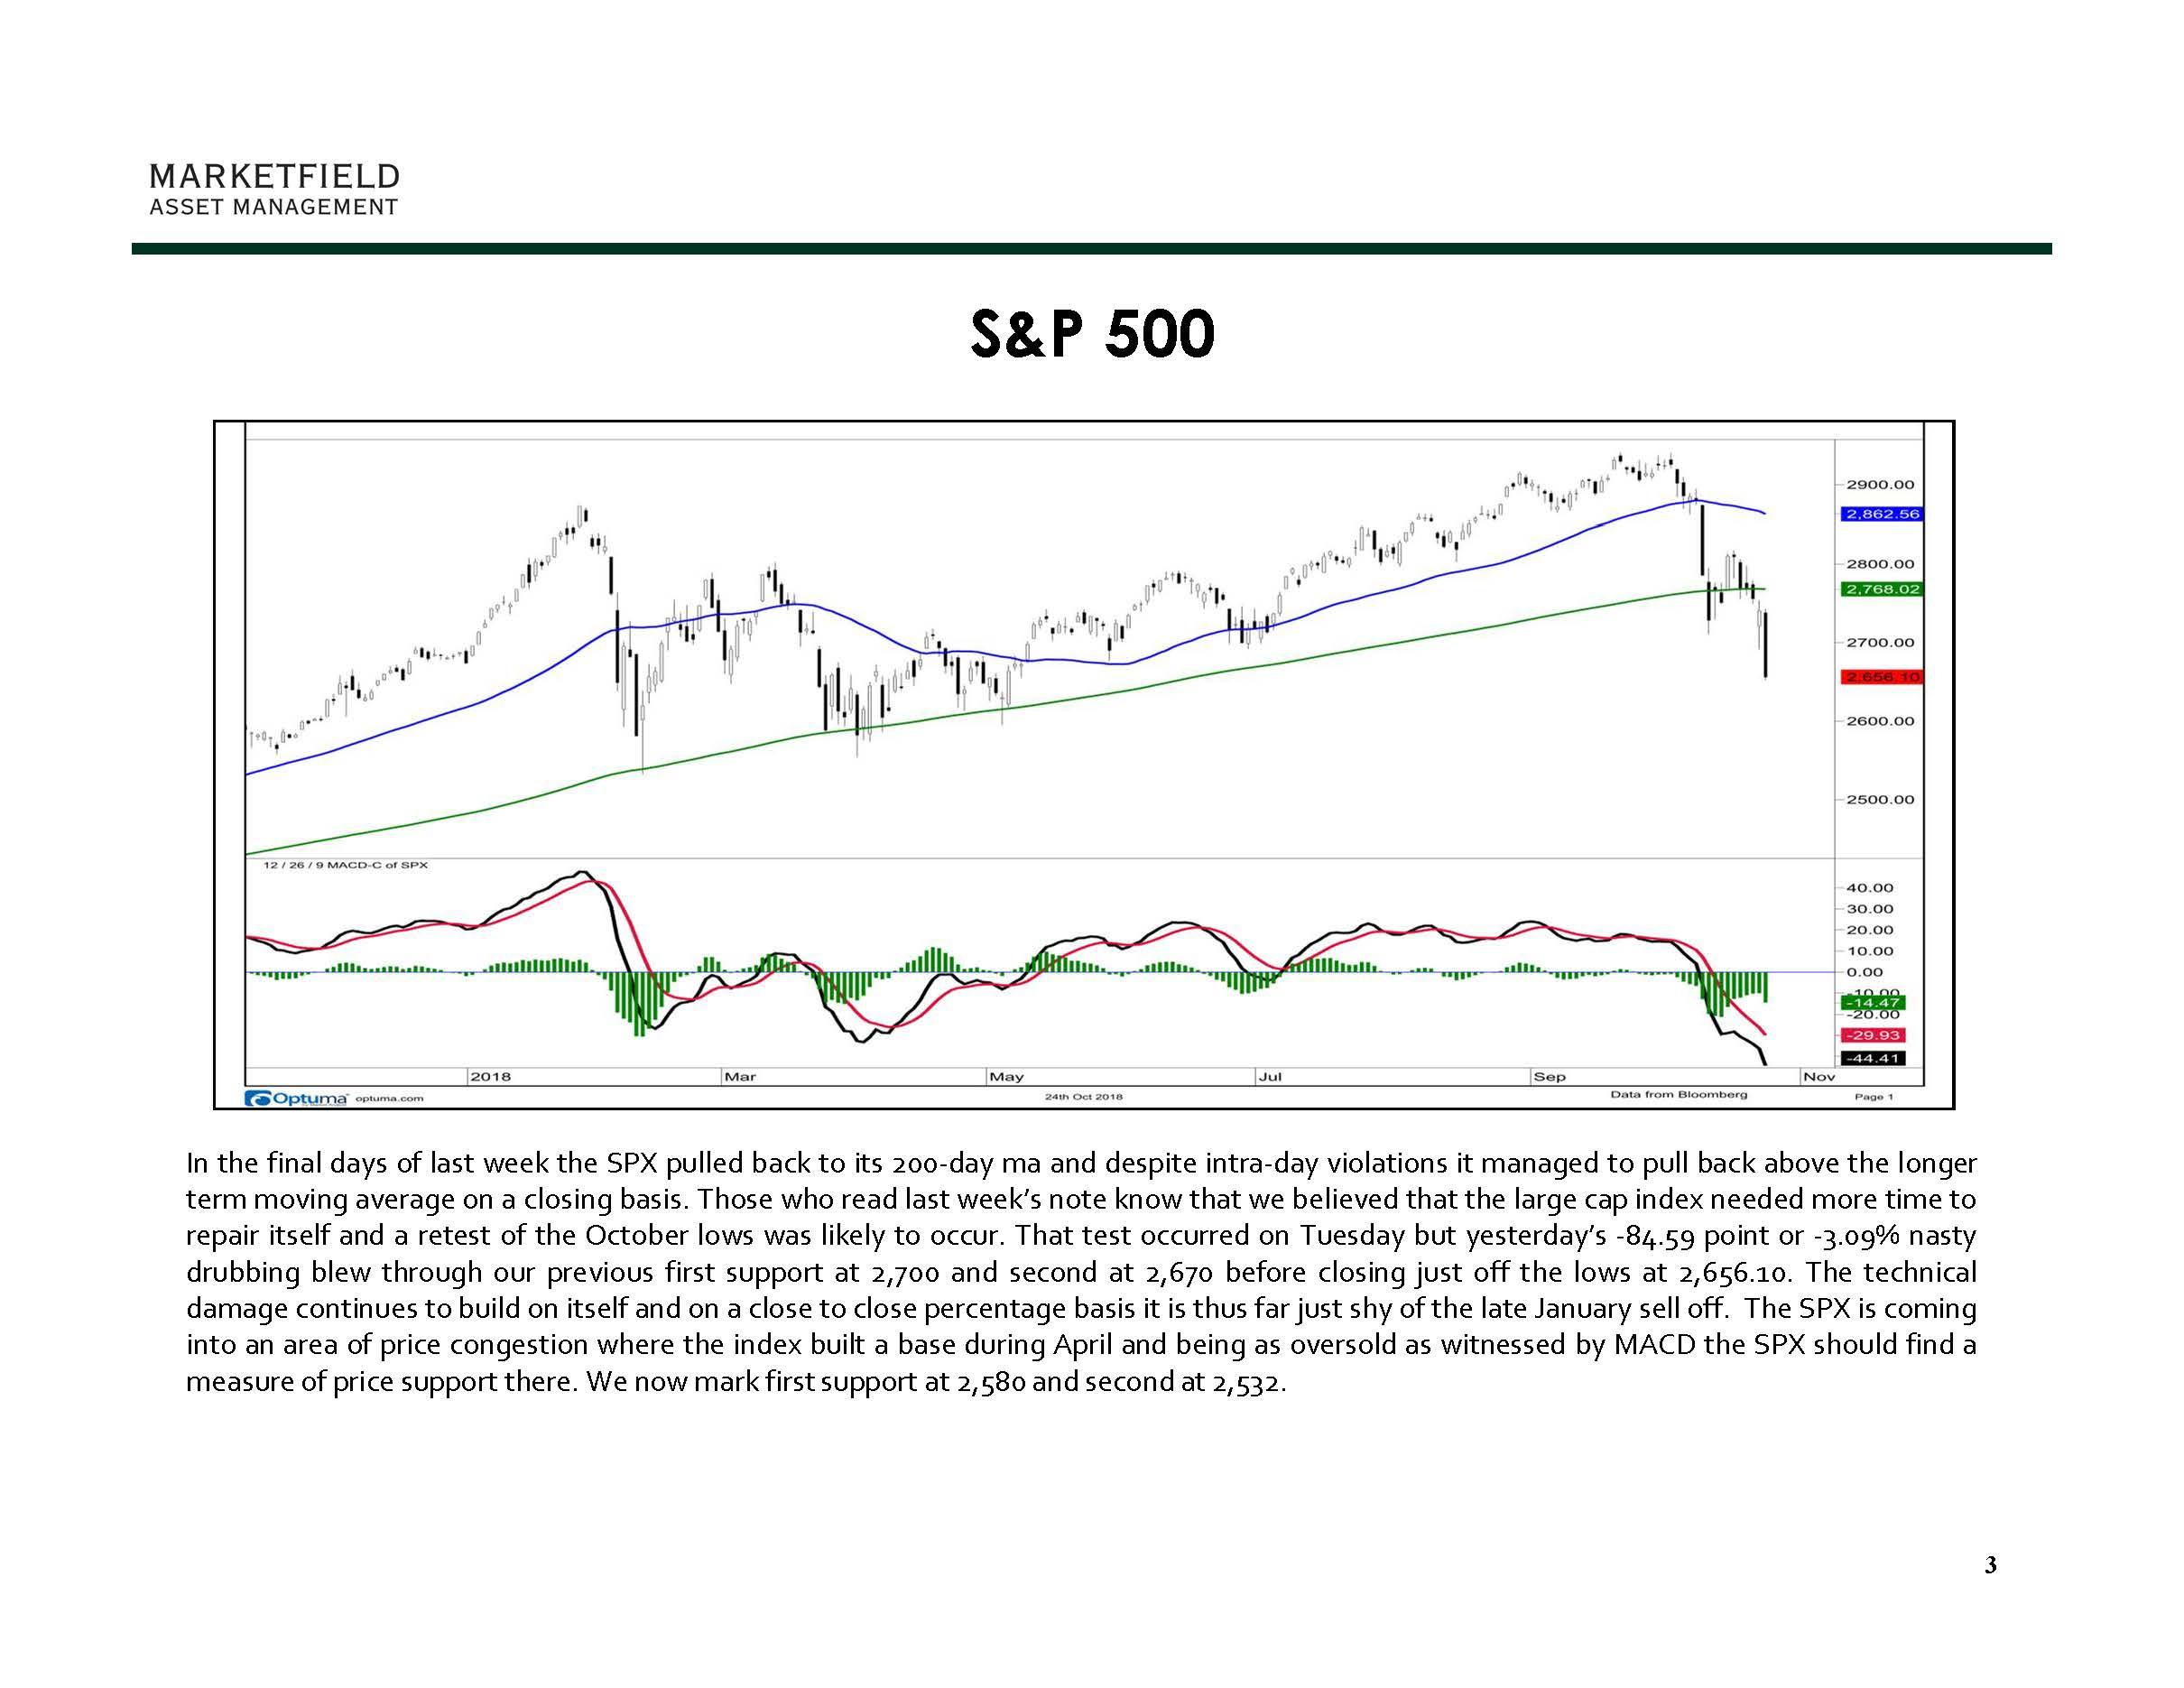 10-25-18_Weekly Speculator_Page_03.jpg